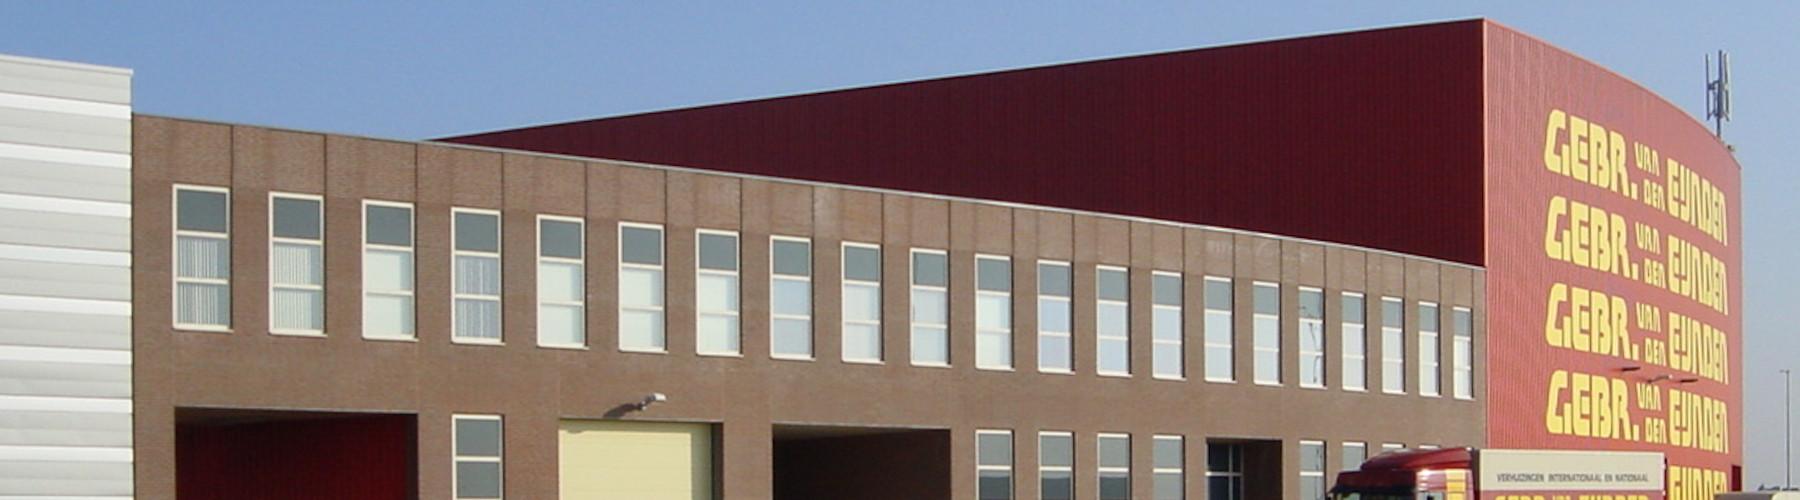 Bedrijfspand te Eindhoven door BEELEN CS architecten bv